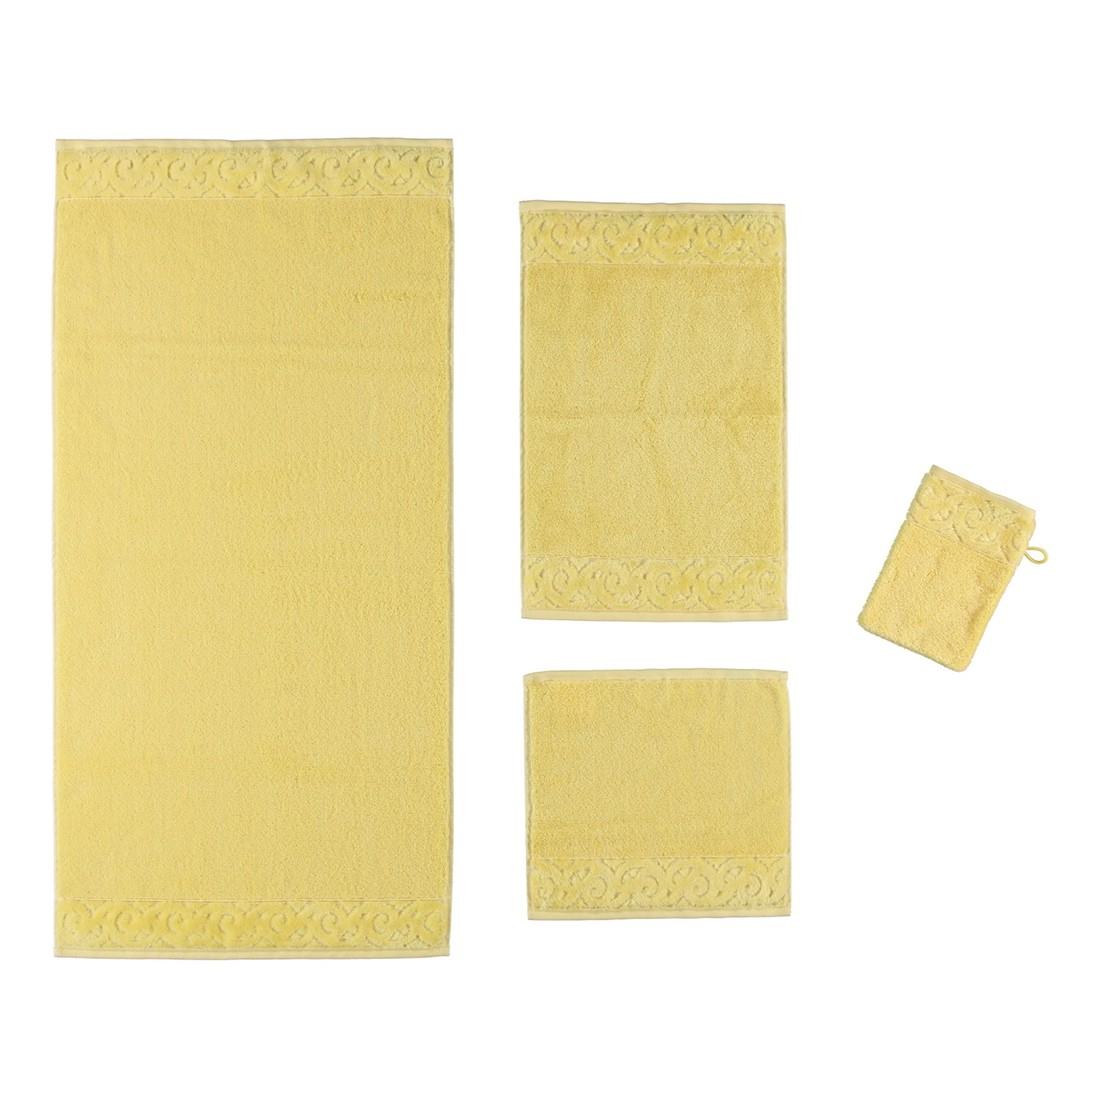 Handtuch Paris Supersoft – 100% Baumwolle citro – 130 – Gästetuch: 30 x 50 cm, Vossen online kaufen